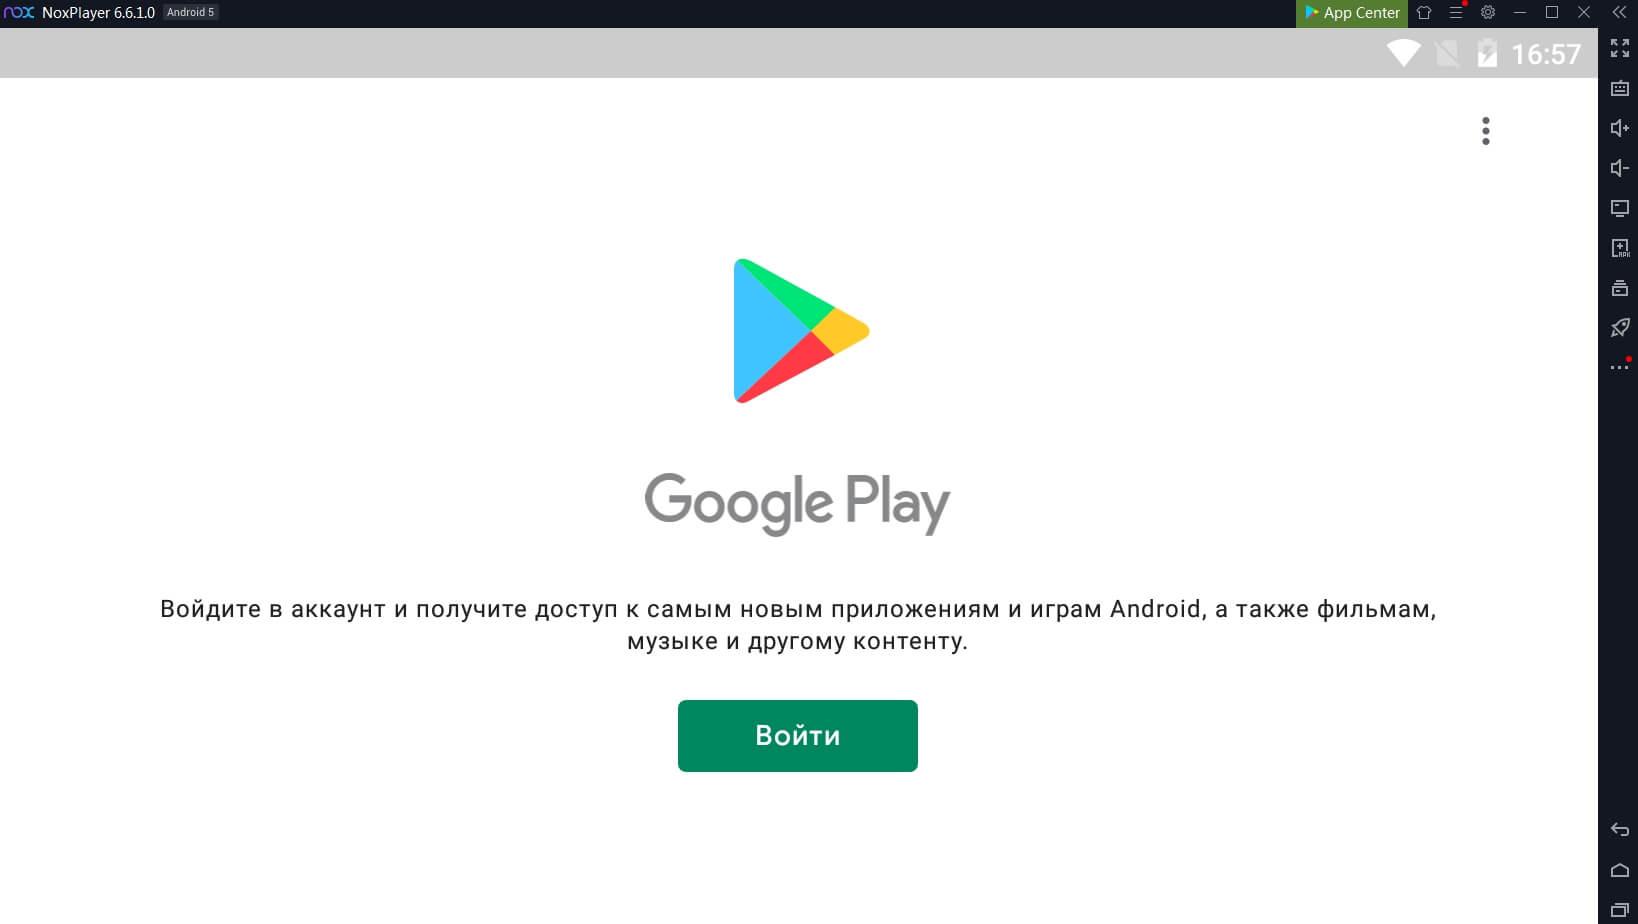 Откроется Google Play. Если вашей учетной записи в эмуляторе еще нет, осуществите вход на ту же учетную запись, как и на вашем смартфоне